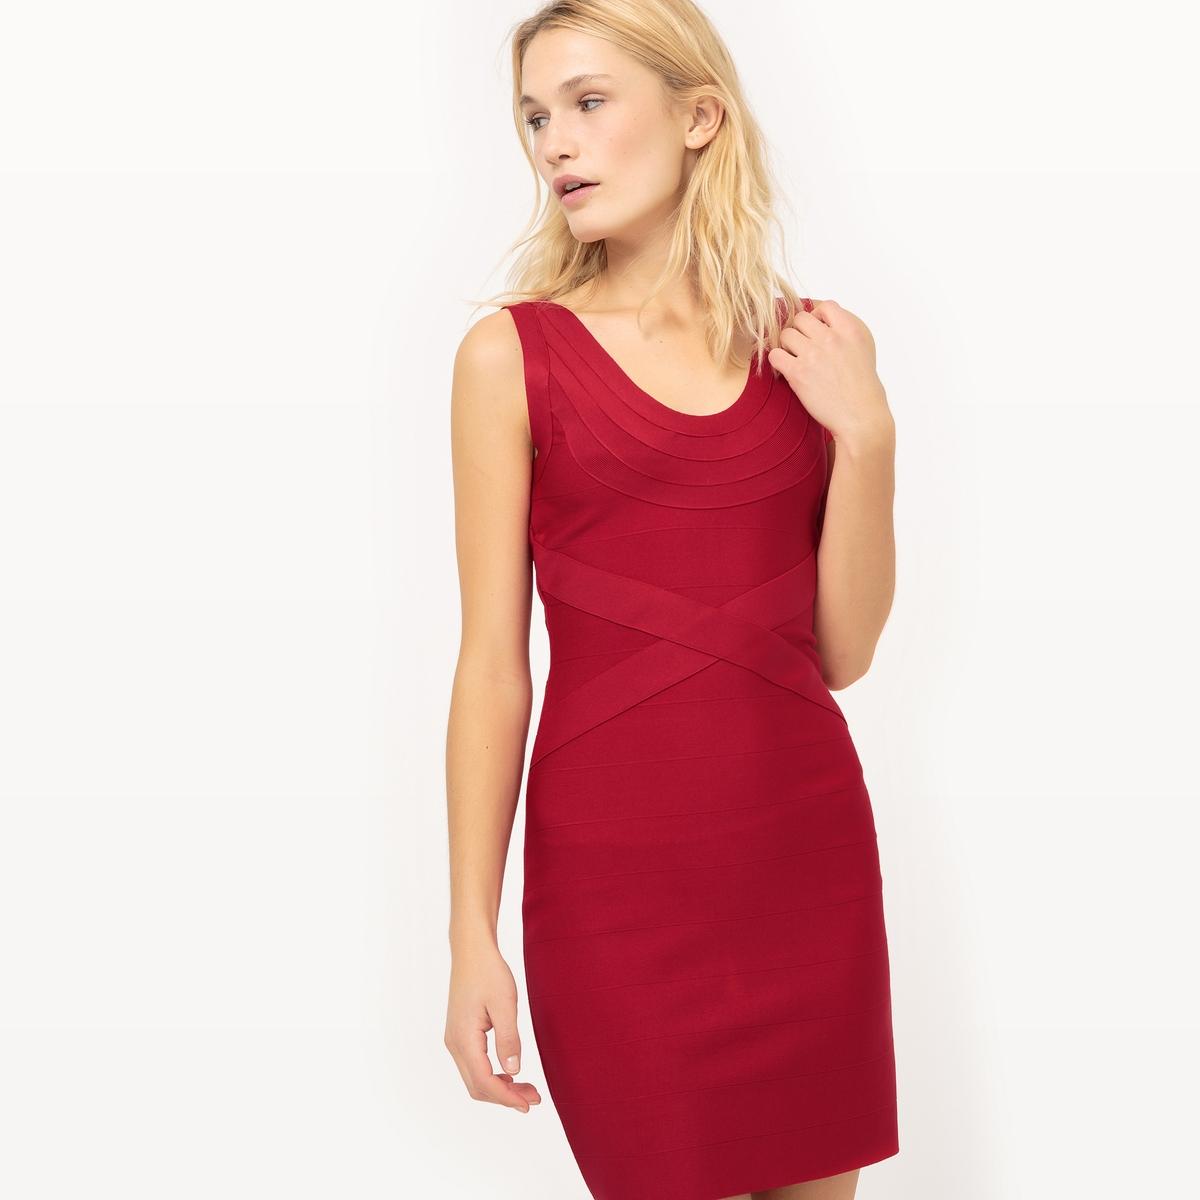 Платье без рукавов с V-образным вырезомПлатье без рукавов VERO MODA. Закругленный V-образный вырез спереди и сзади. Облегающий воротник.   Состав и описание         Материал        97% полиэстера, 3% эластана   Марка        VERO MODA<br><br>Цвет: красный<br>Размер: XL